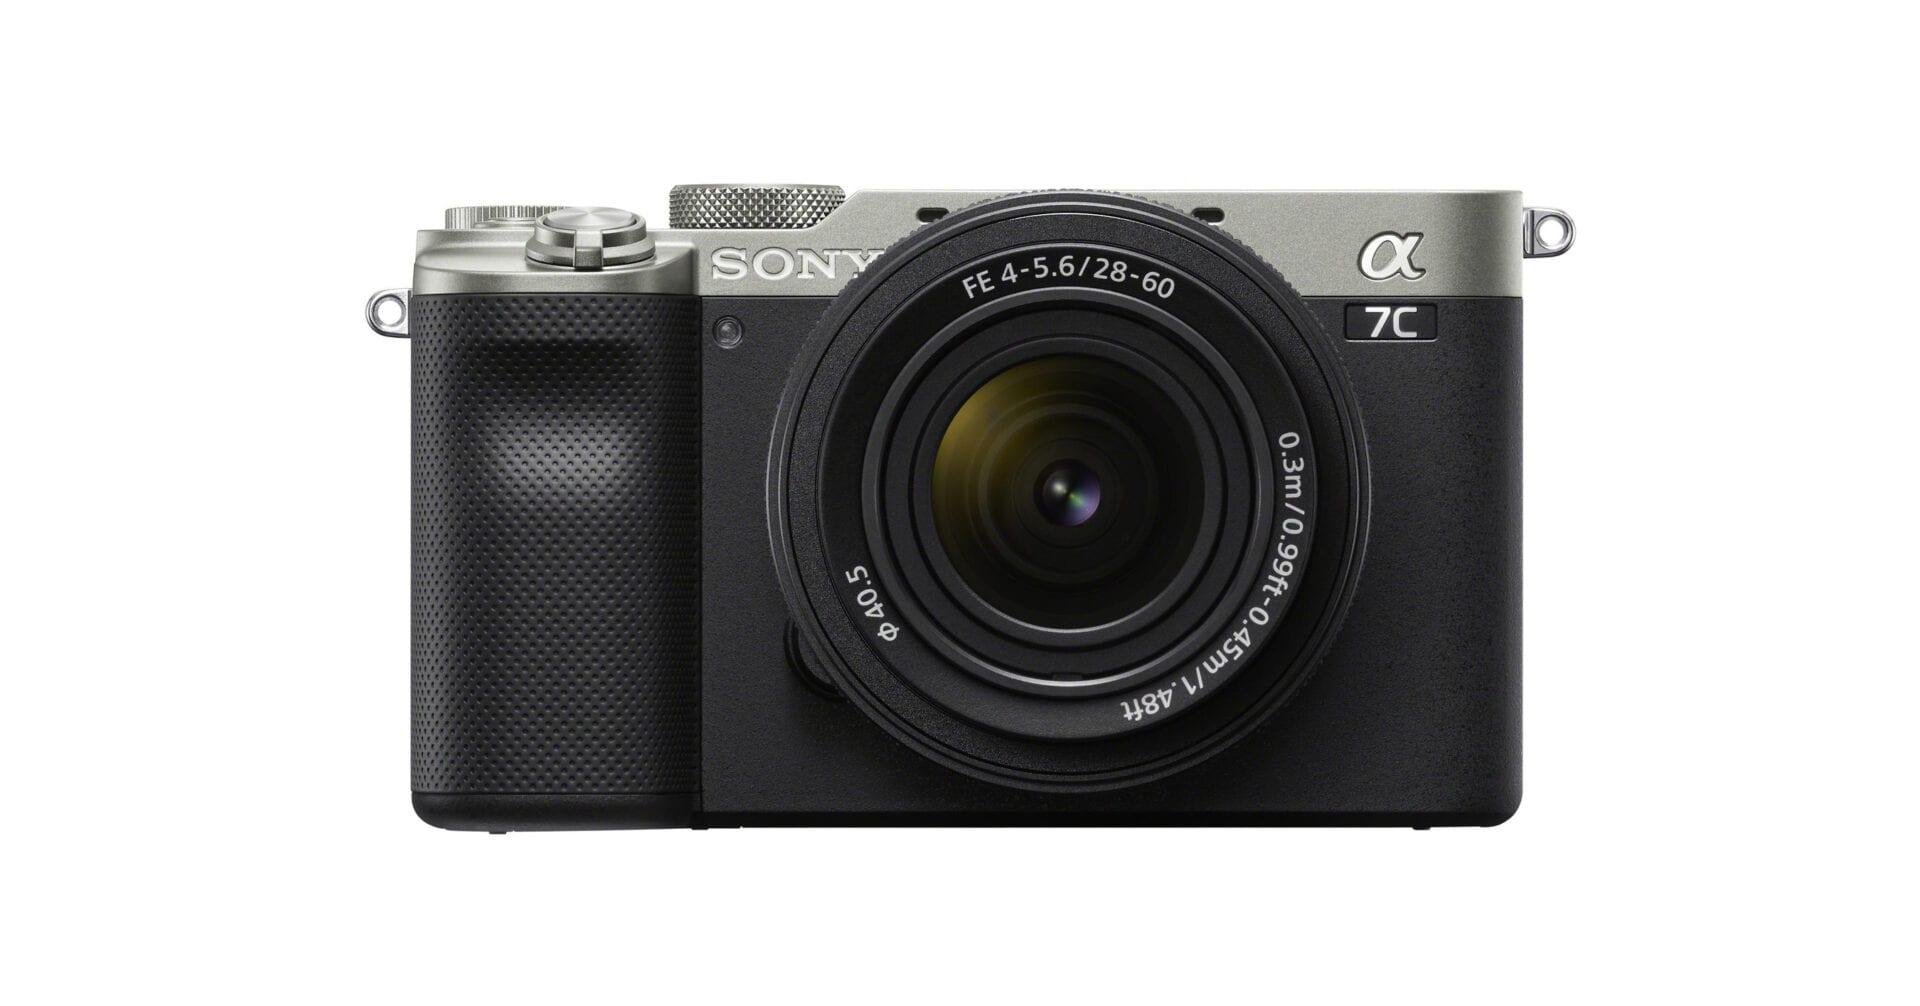 Η νέα υπέρκομψη Sony Alpha 7C + FE 28-60mm F4-5.6